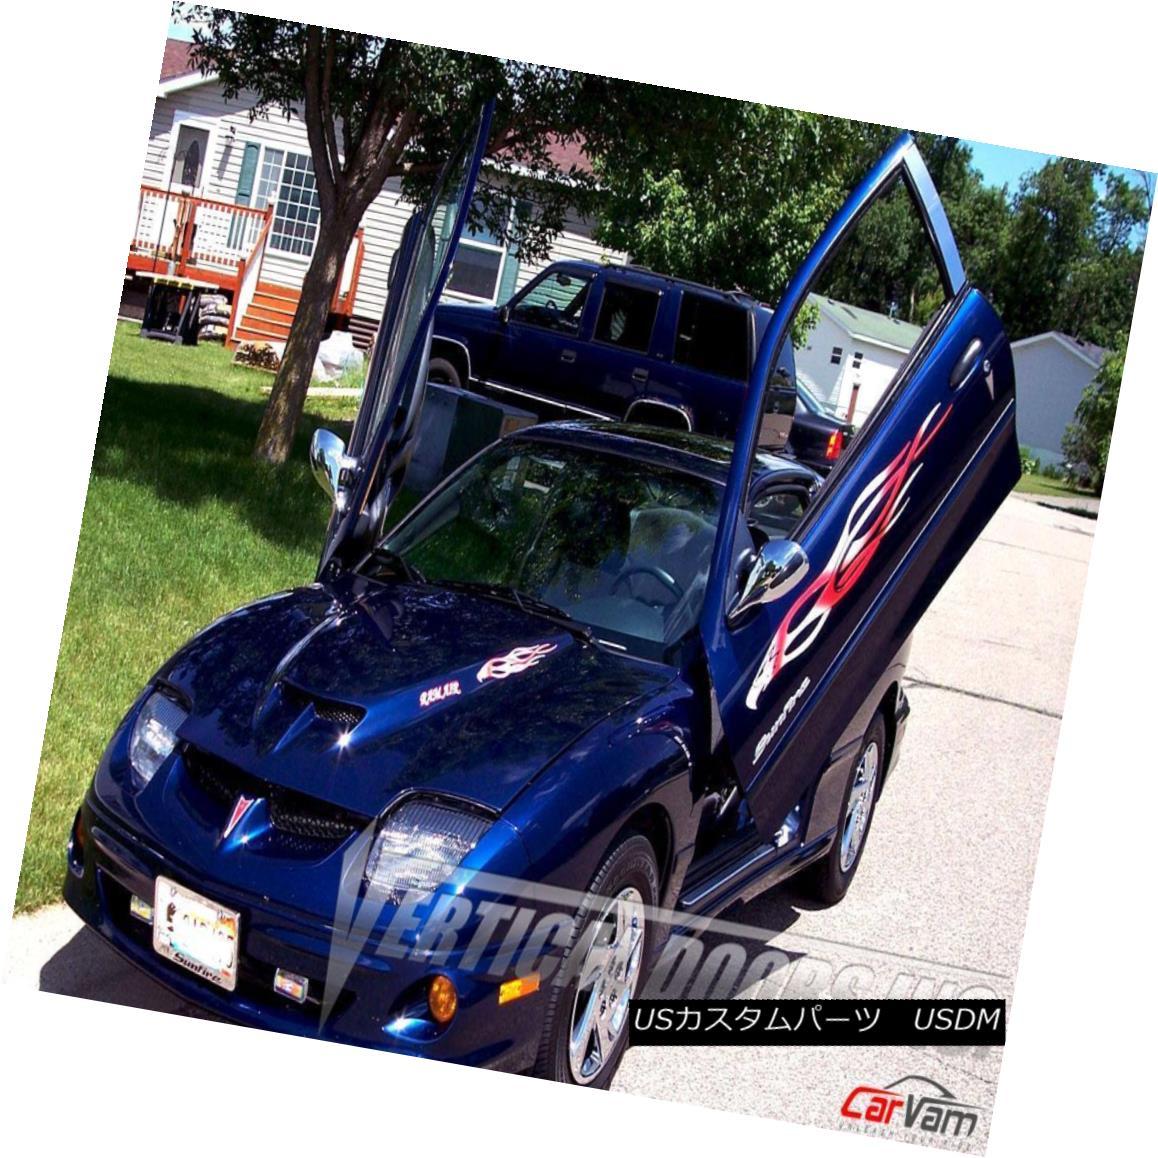 ガルウィングキット Vertical Doors - Vertical Lambo Door Kit For Pontiac Sunfire 1995-05 垂直ドア - ポンティアックSunfireのための垂直Lamboドアキット1995-05